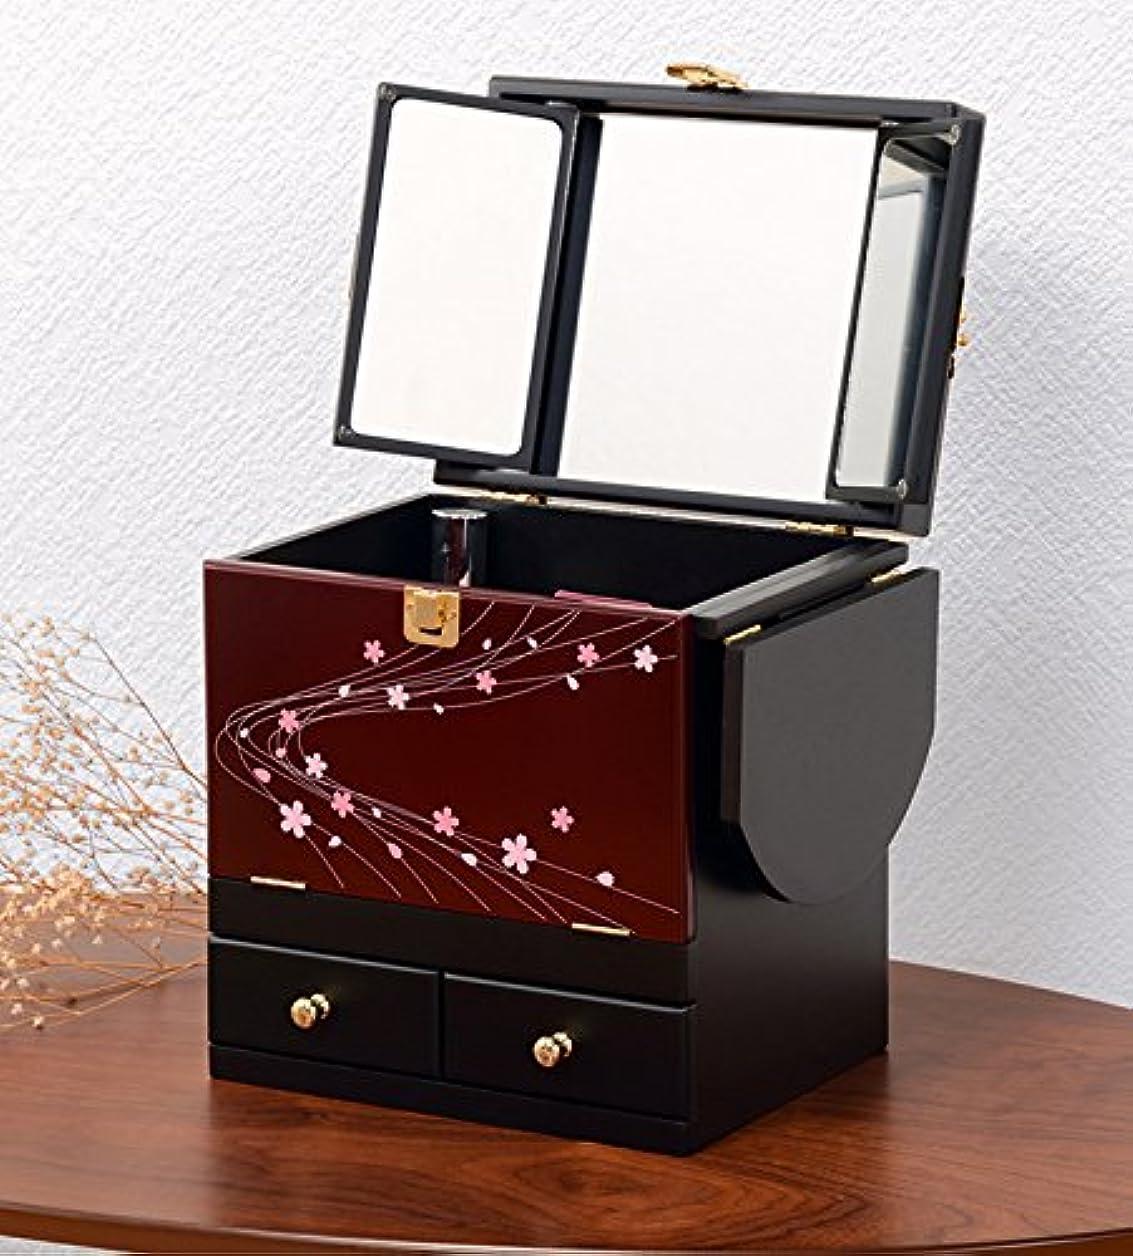 葉巻リスあいまいさコスメボックス 化粧ボックス ジュエリーボックス コスメ収納 収納ボックス 化粧台 3面鏡 和風 完成品 折りたたみ式 軽量 えんじ